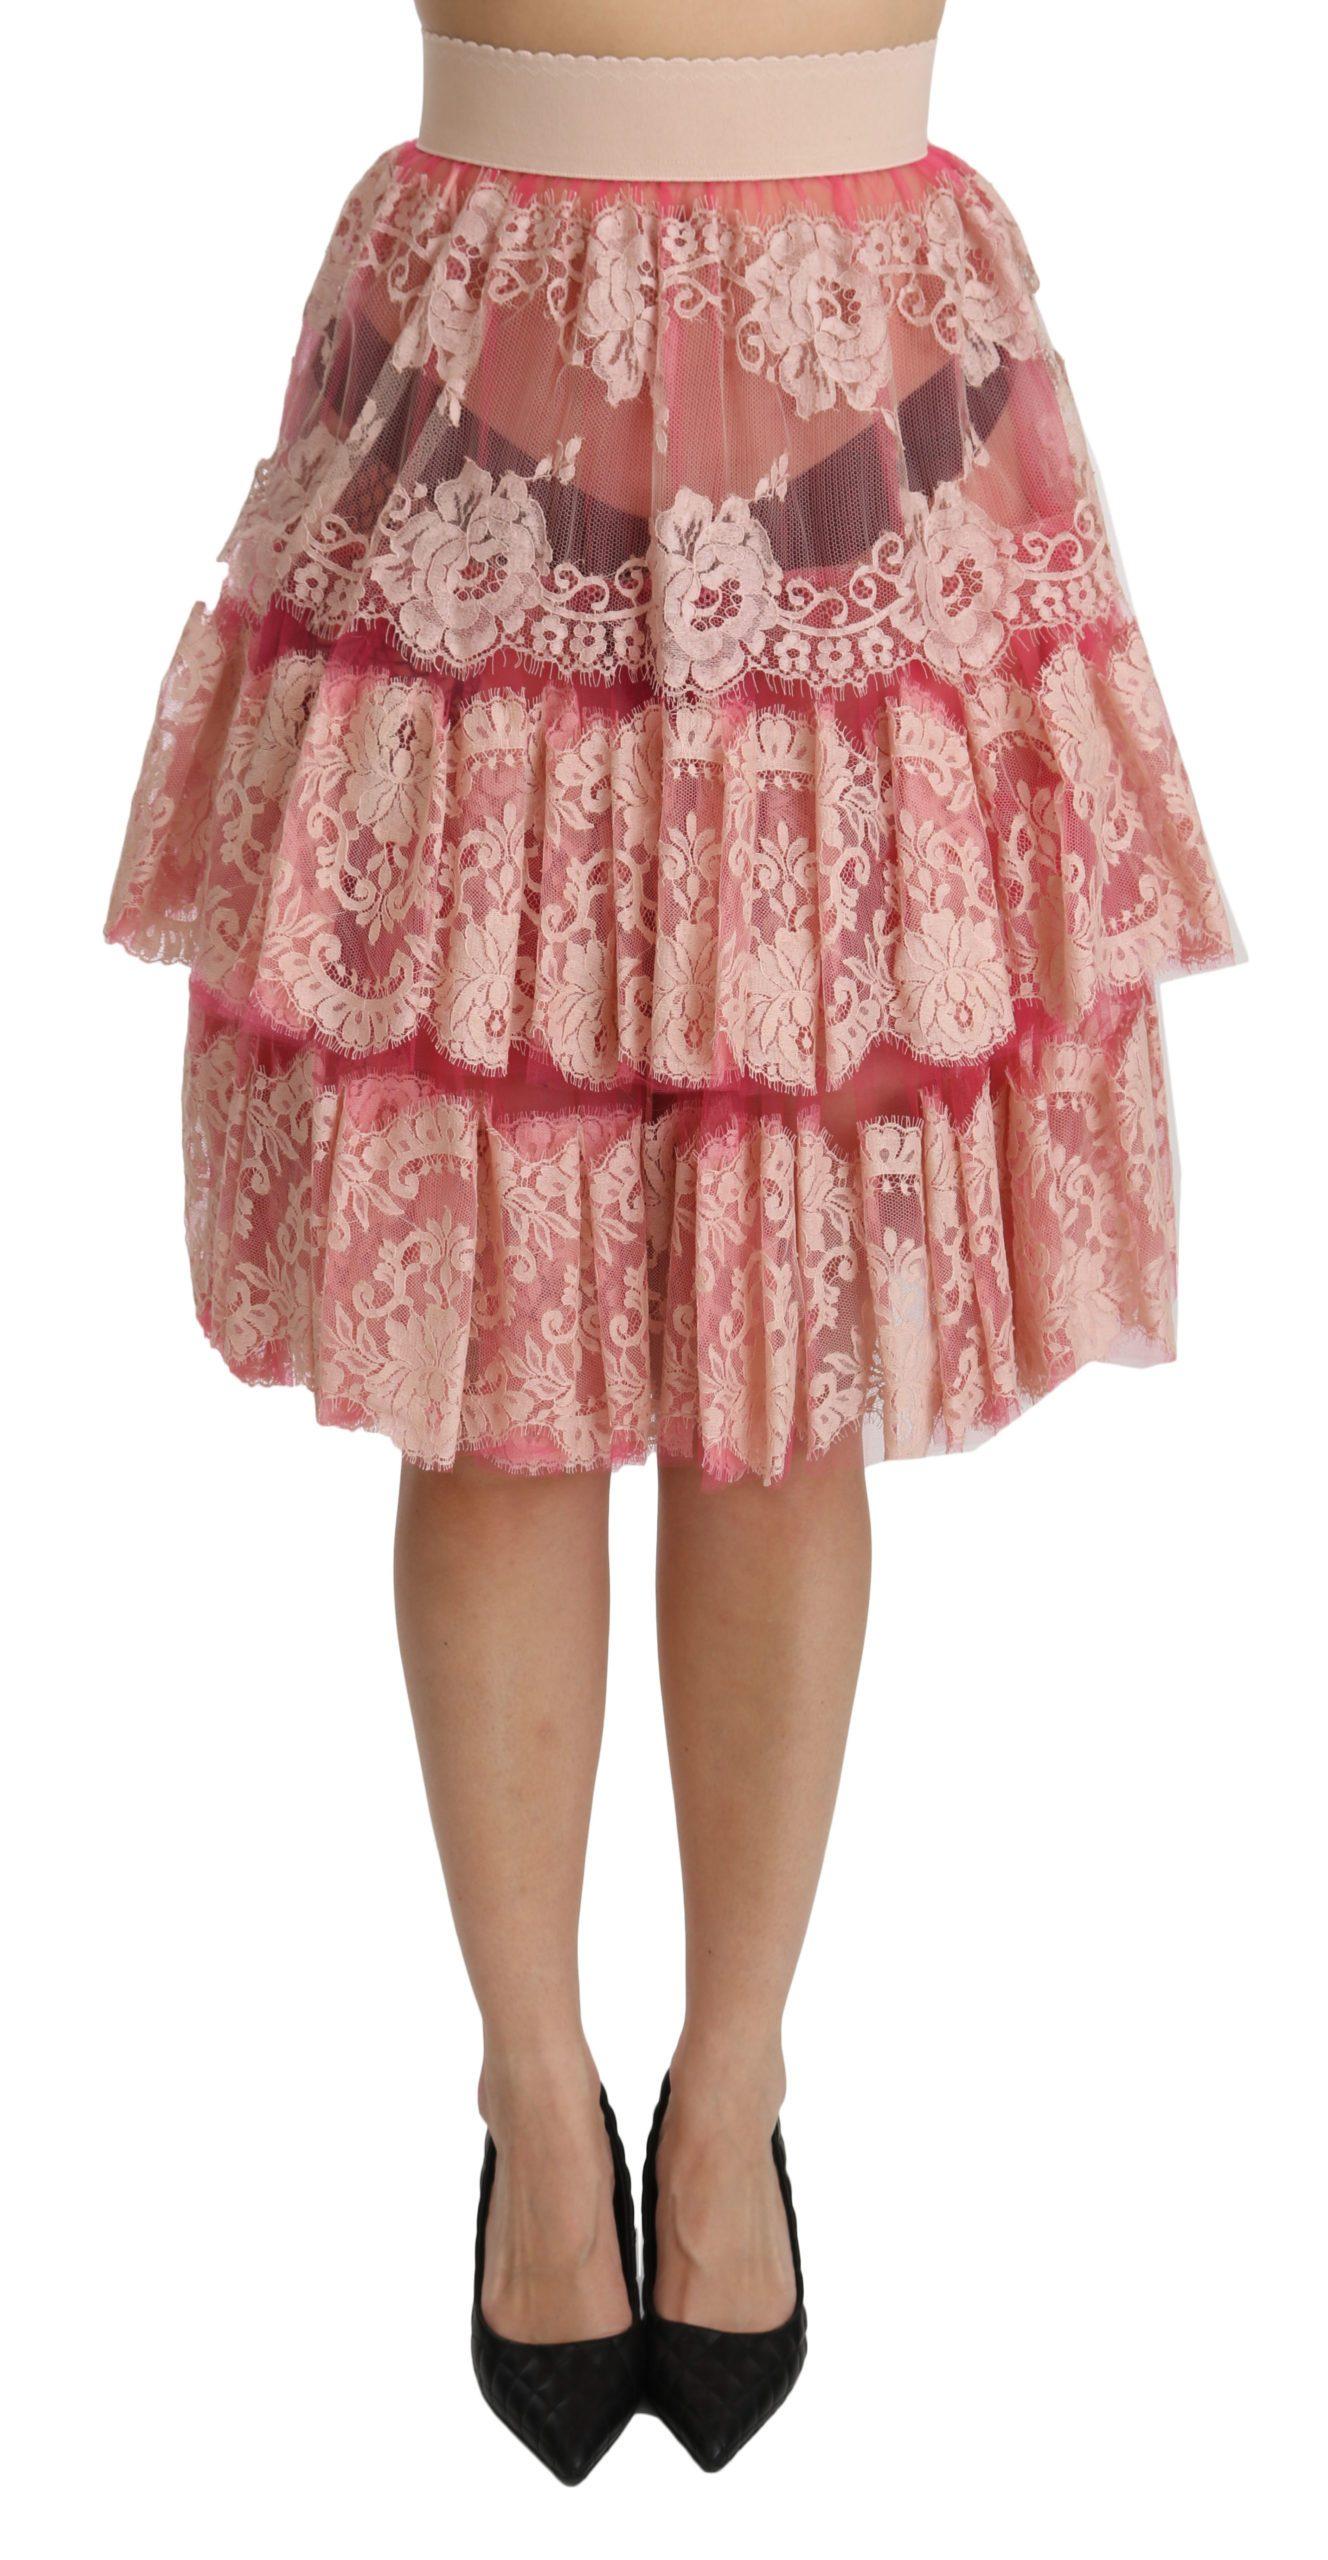 Dolce & Gabbana Women's Lace Layered High Waist Skirt Pink SKI1346 - IT40|S